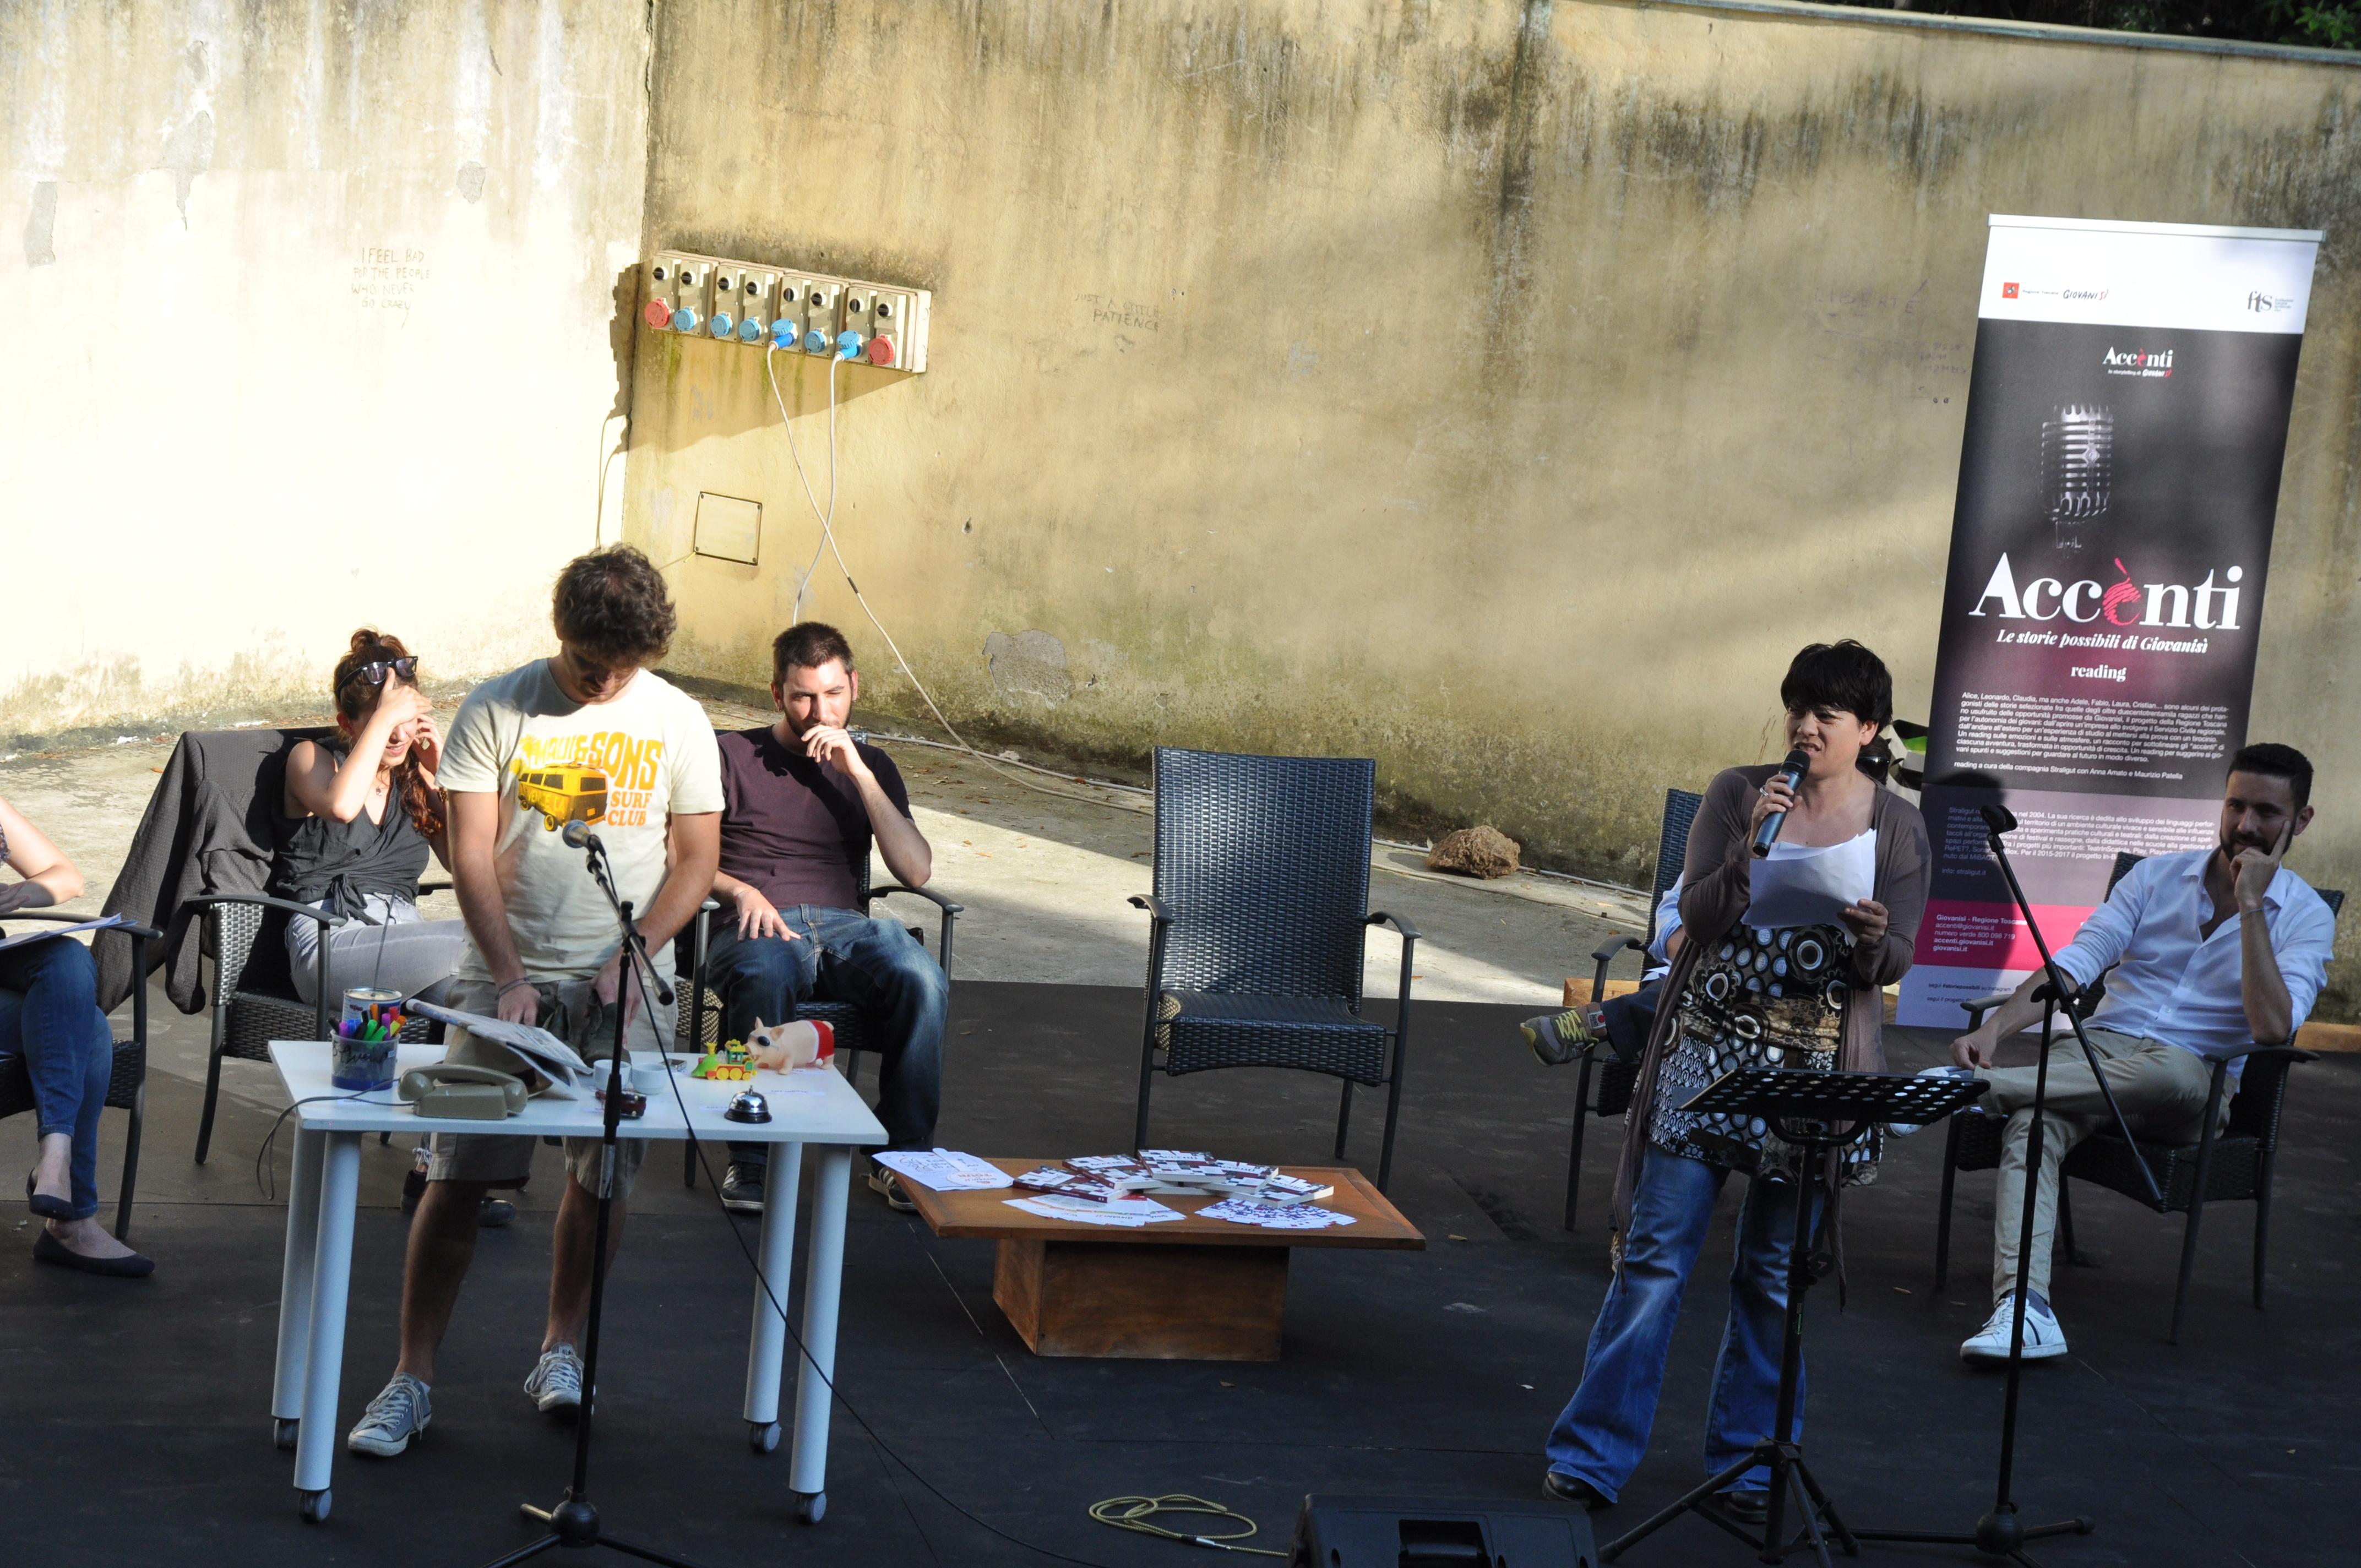 #Giovanisìtour17 a Rosignano (Castiglioncello &#8211; LI) : rivivi l'evento con video, foto e social <div class='giovanisi-subtitle'>Next stop: 21 giugno, Lucca </div>